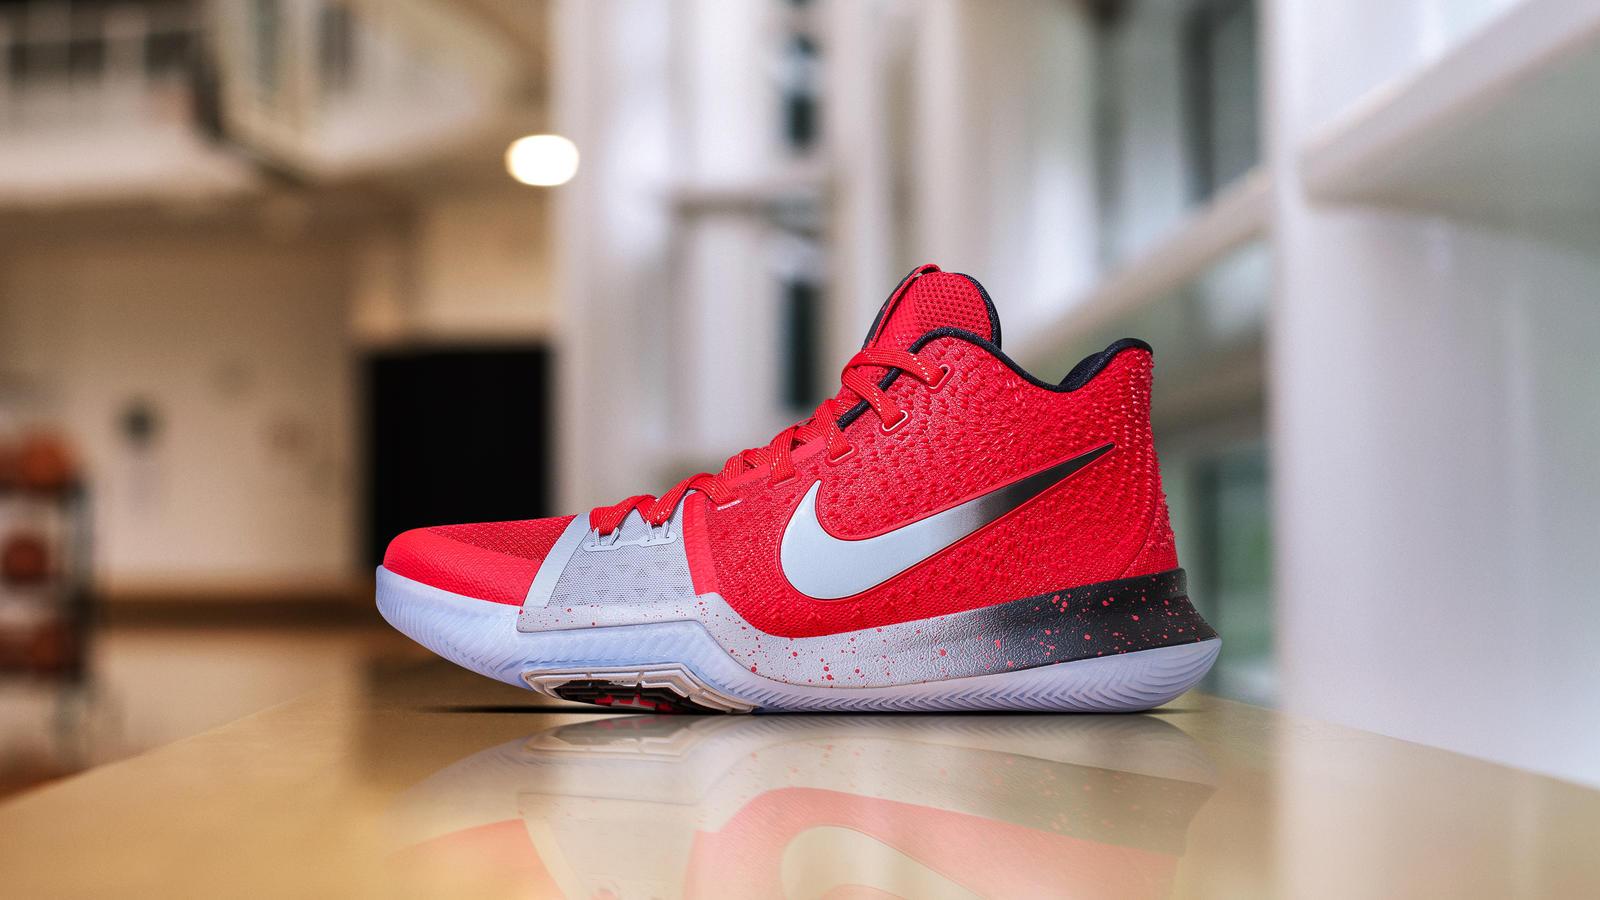 Red Nike Kyrie 3 sneaker